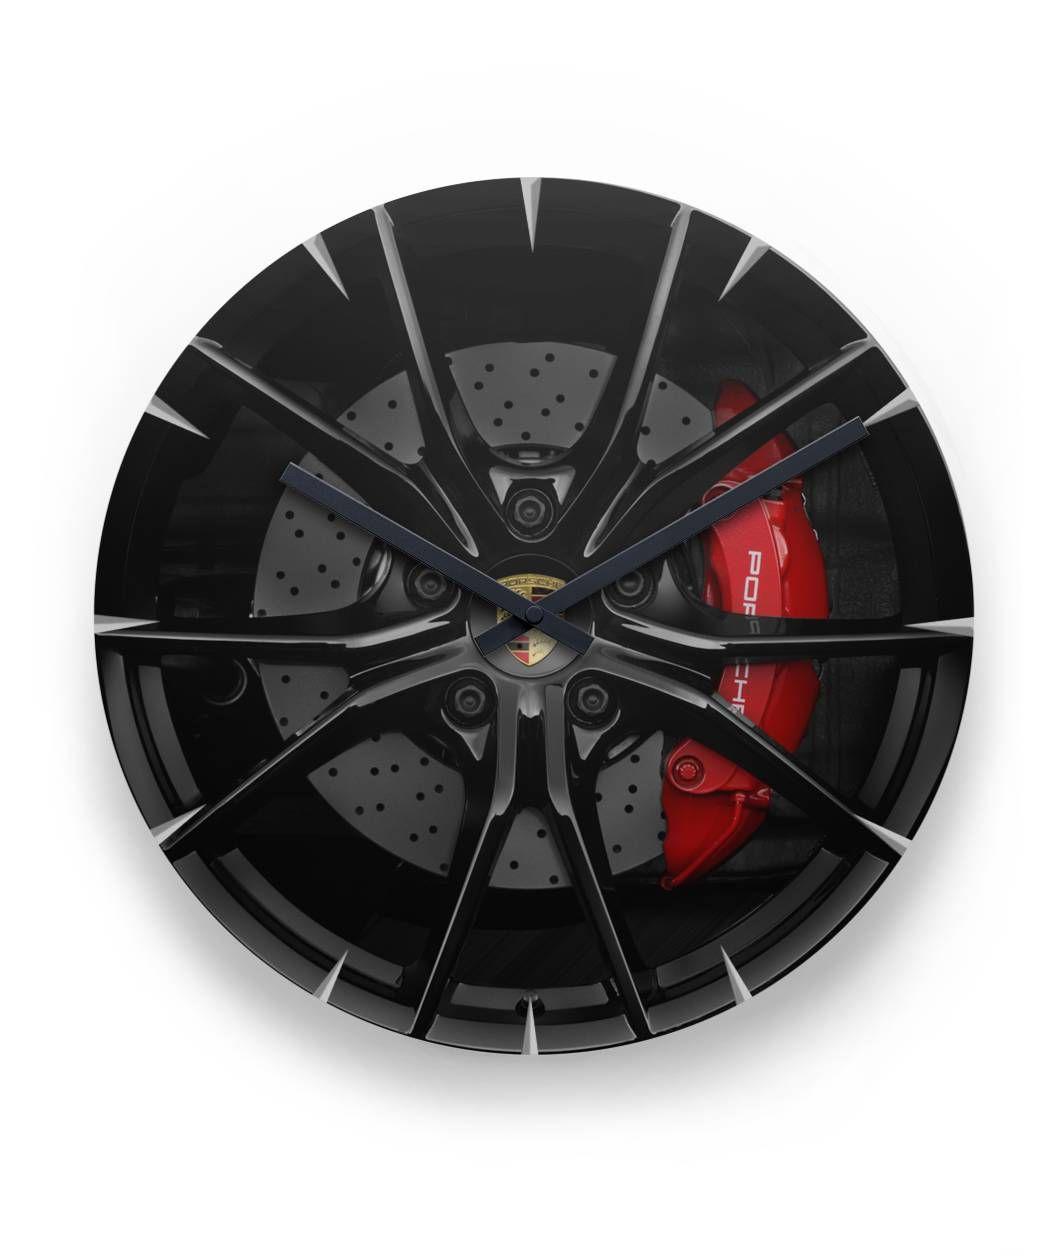 Porsche Wall Clock Porsche Lovers Gift Gift Ideas For Porsche Owners Selbermachen